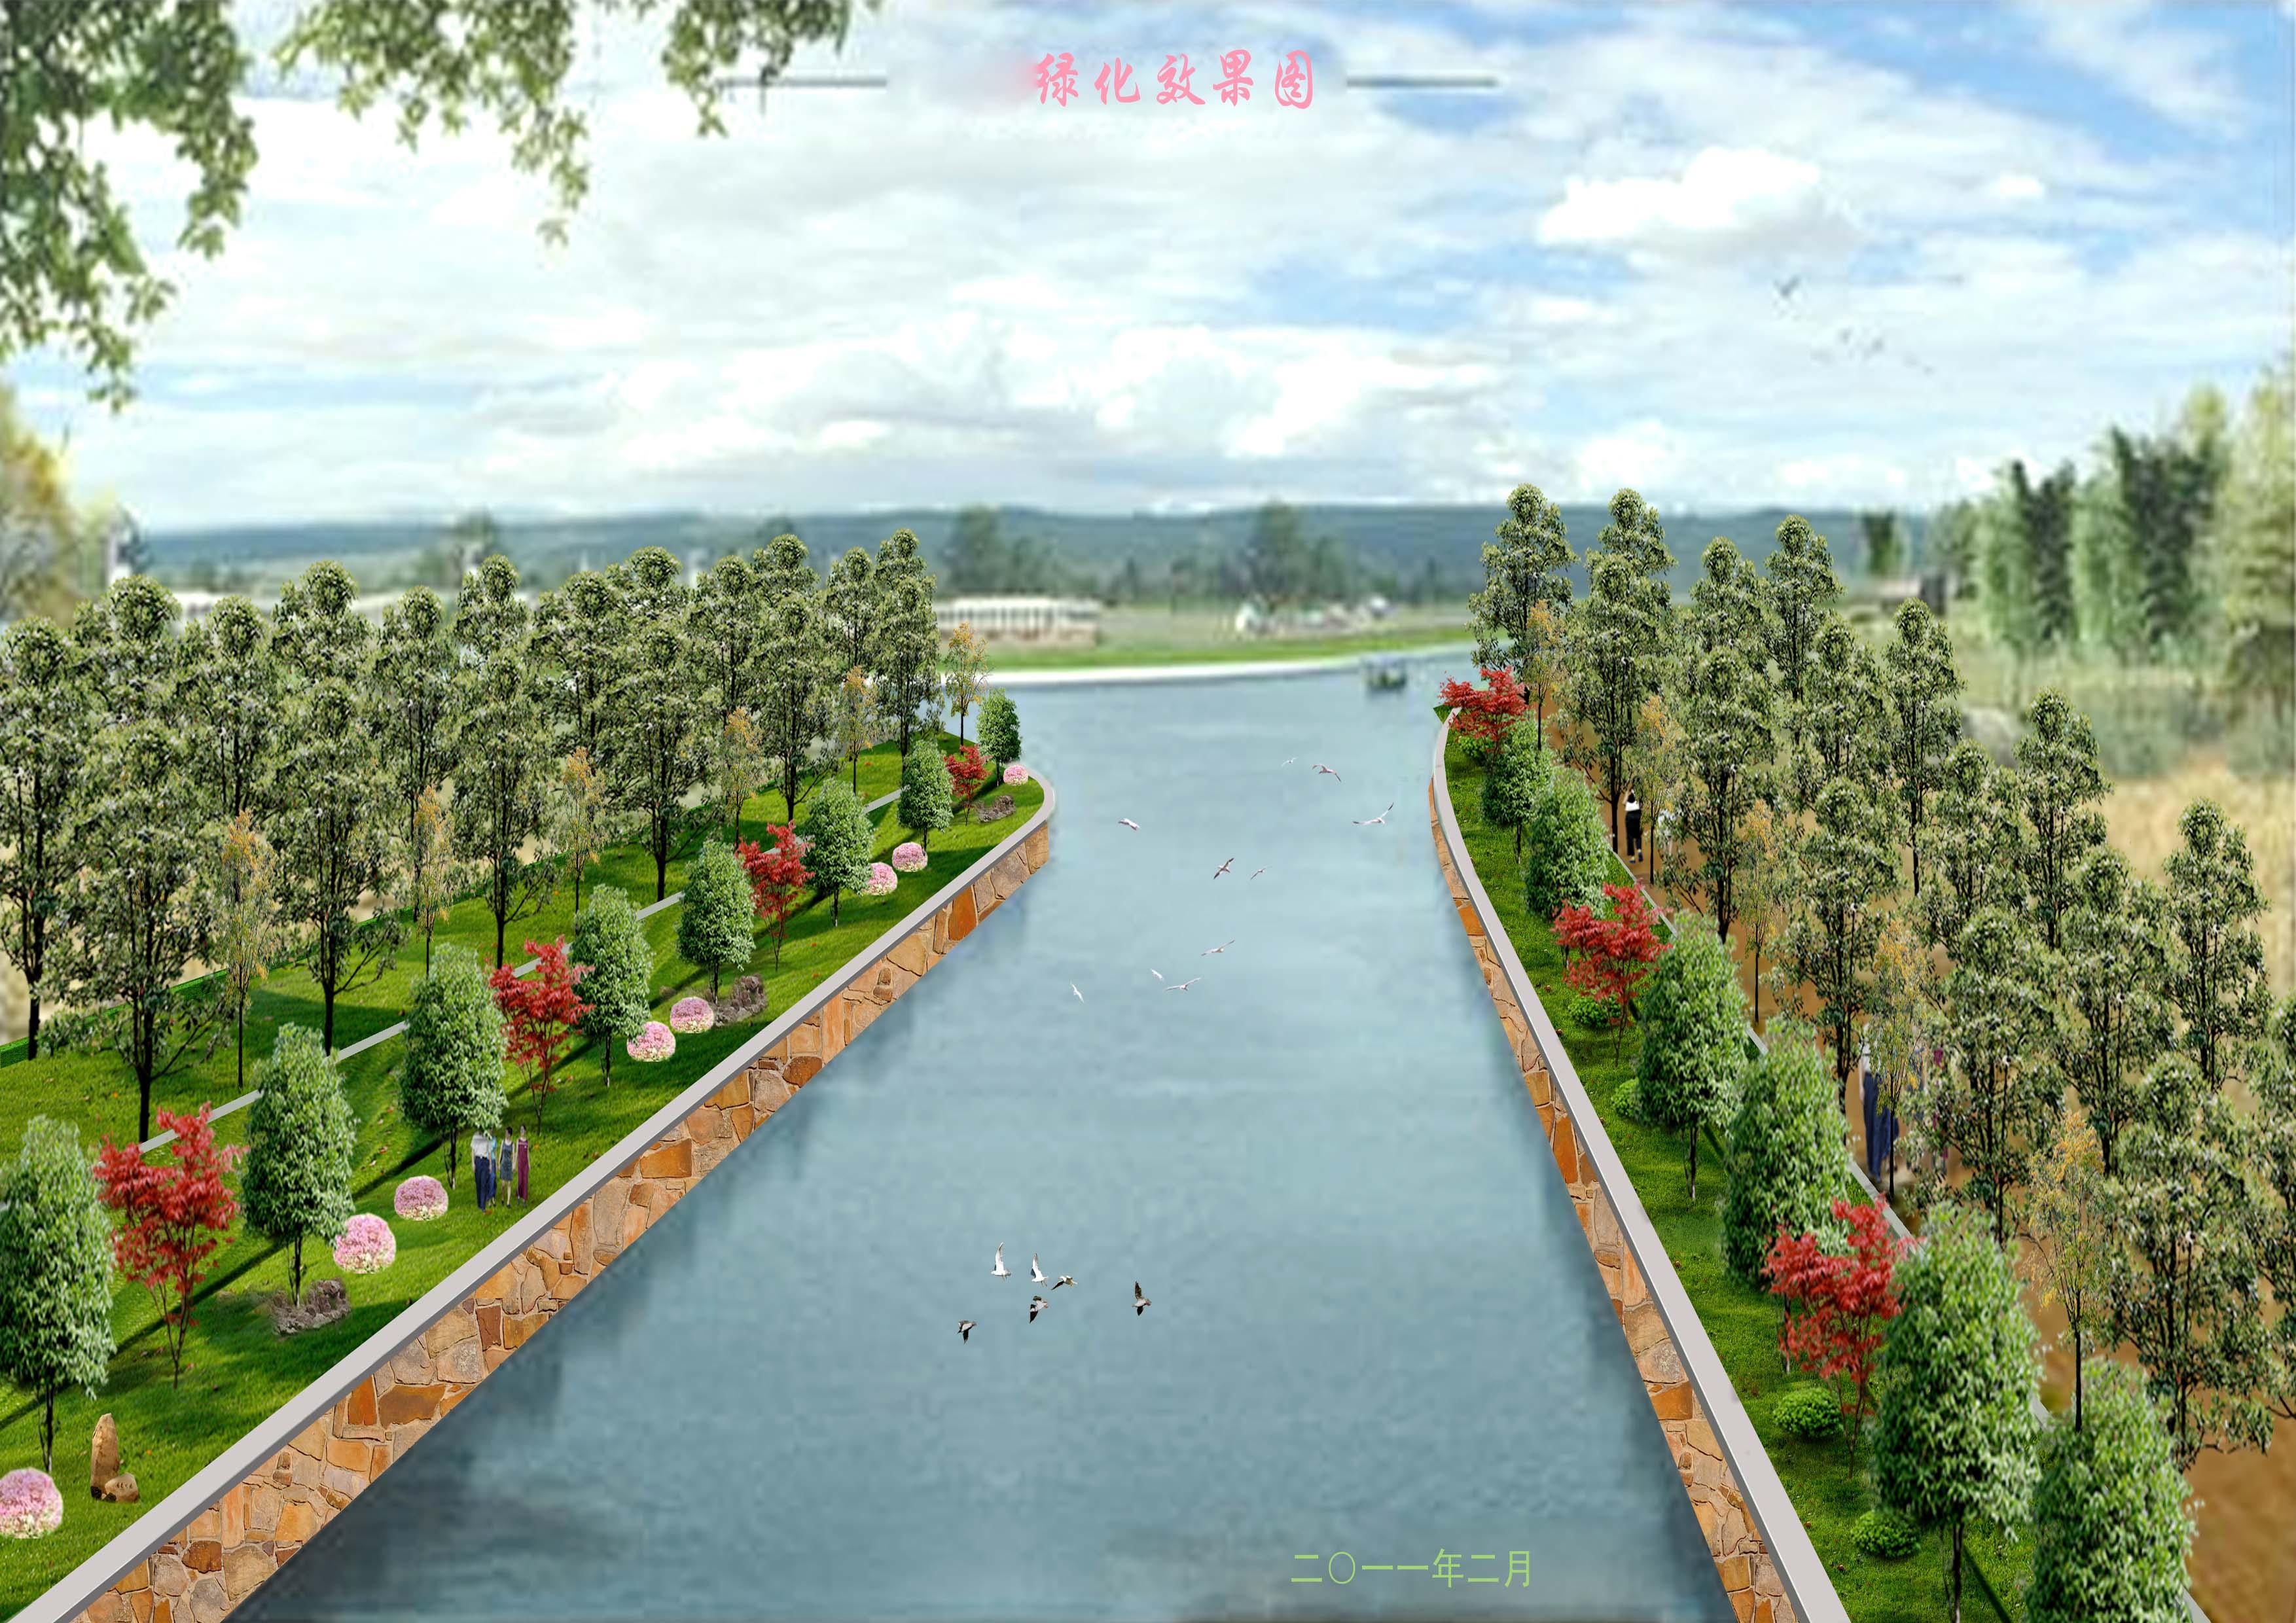 手绘效果图300张2 某景观小区规划设计含植物配置图及效果图和小品 江